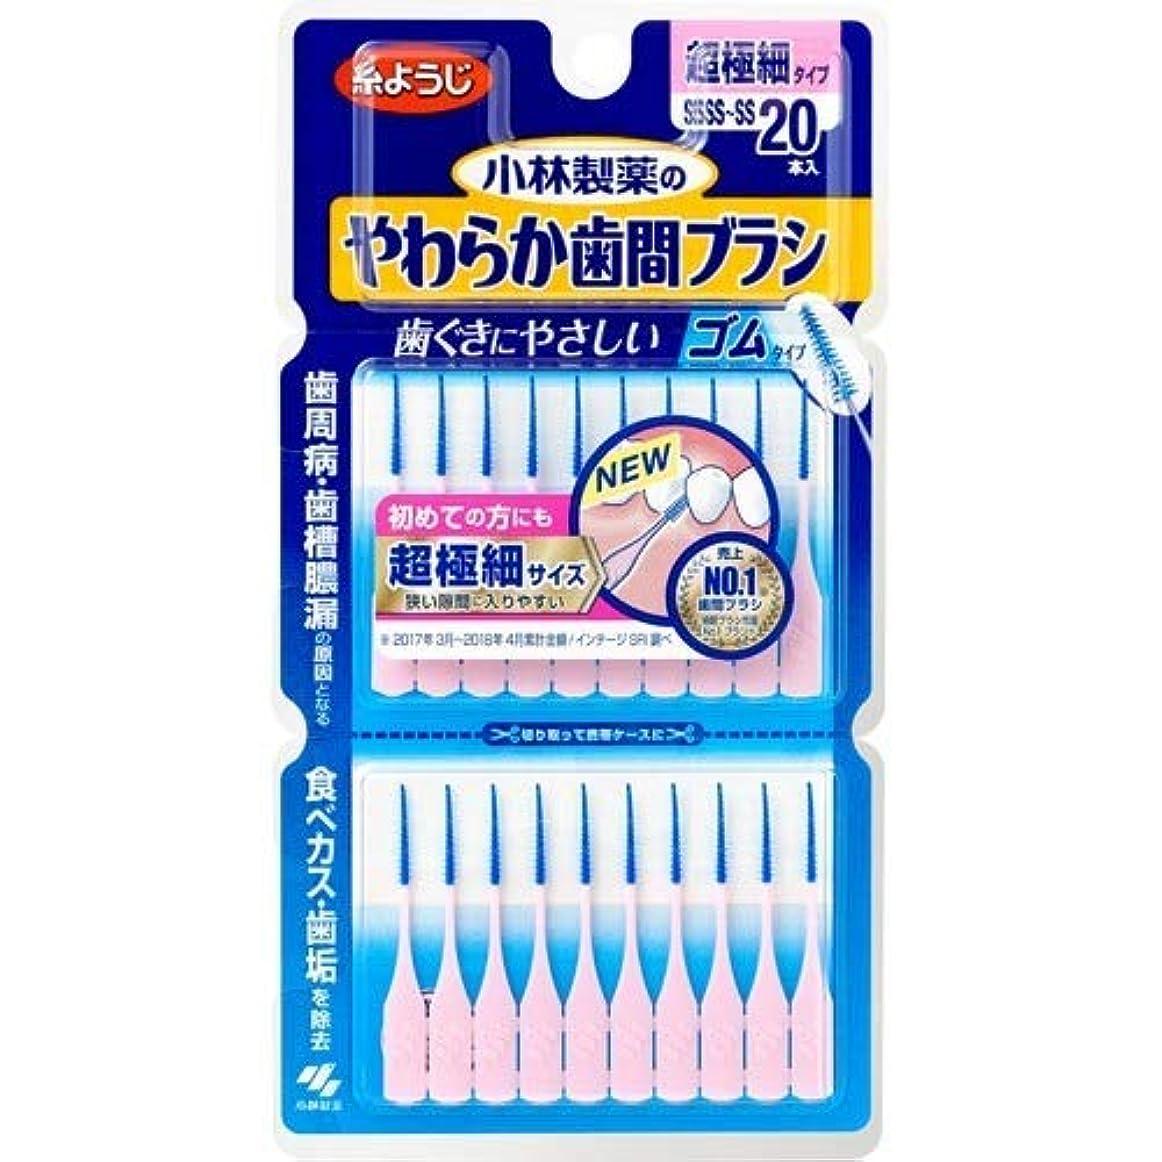 メガロポリスペインティング前書き小林製薬 やわらか歯間ブラシ SSSS~SSサイズ 20本入 超極細ゴムタイプ